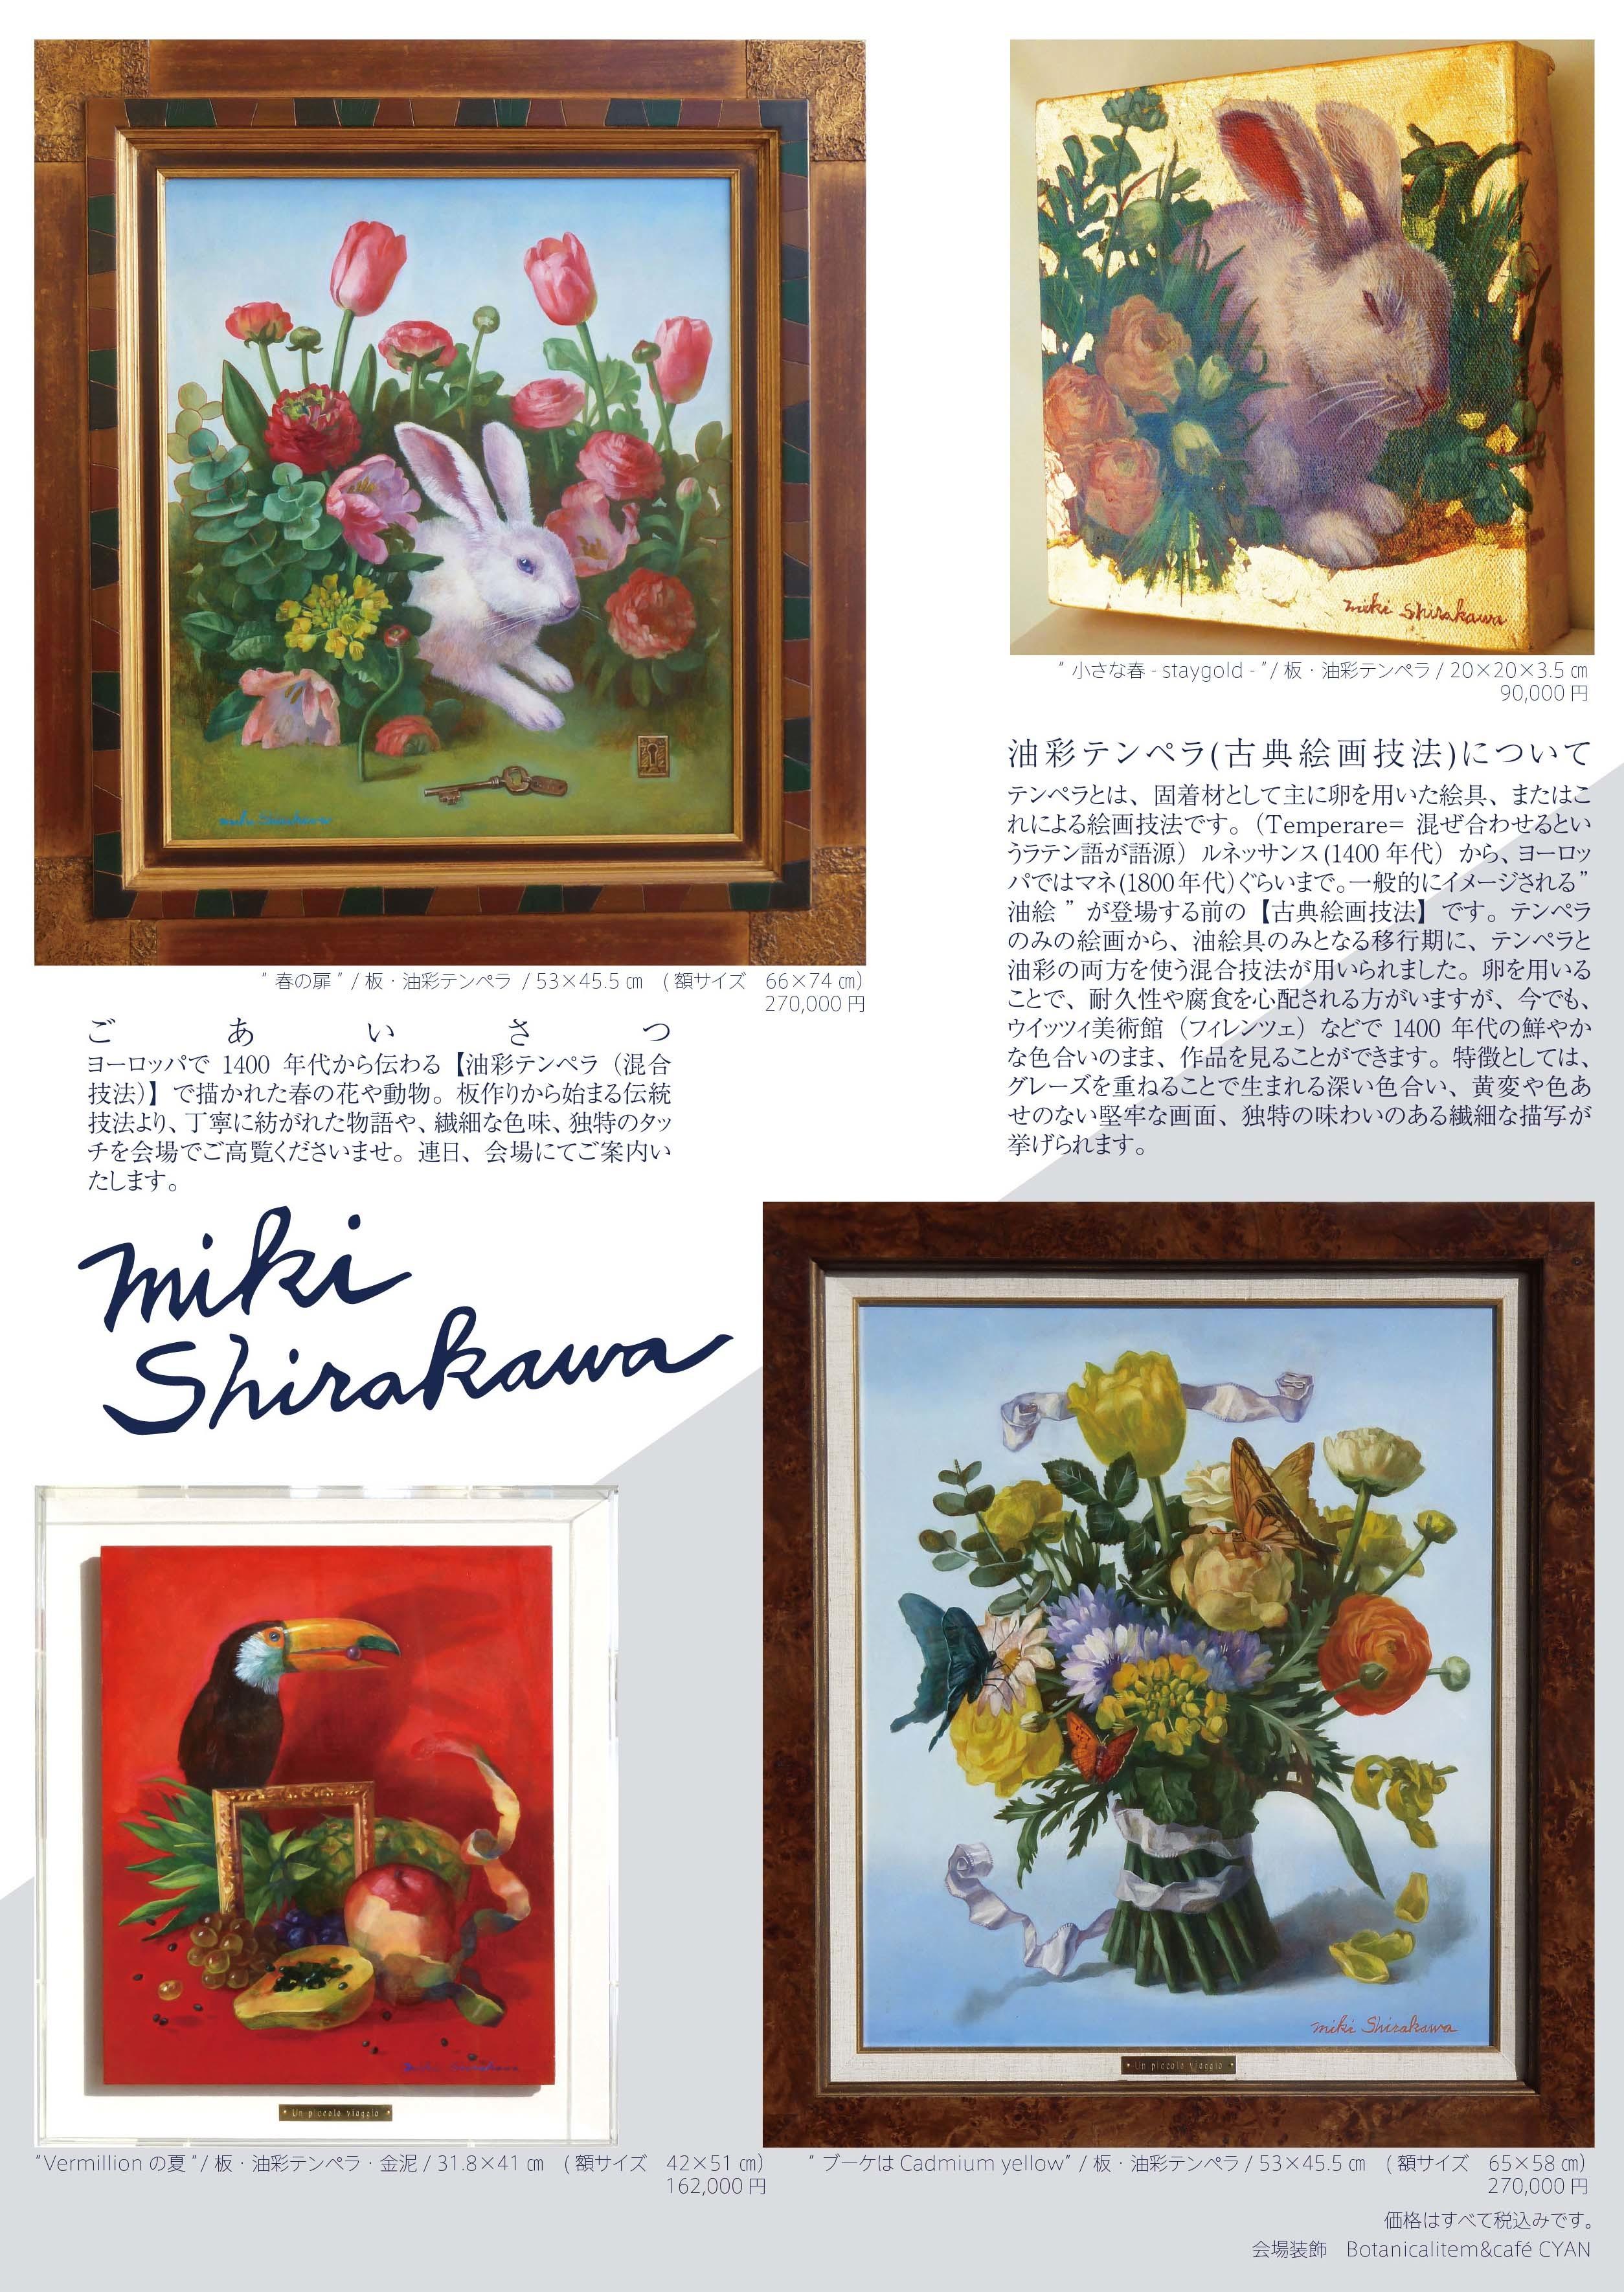 A4_shirakawadm_20170220_ura.jpg